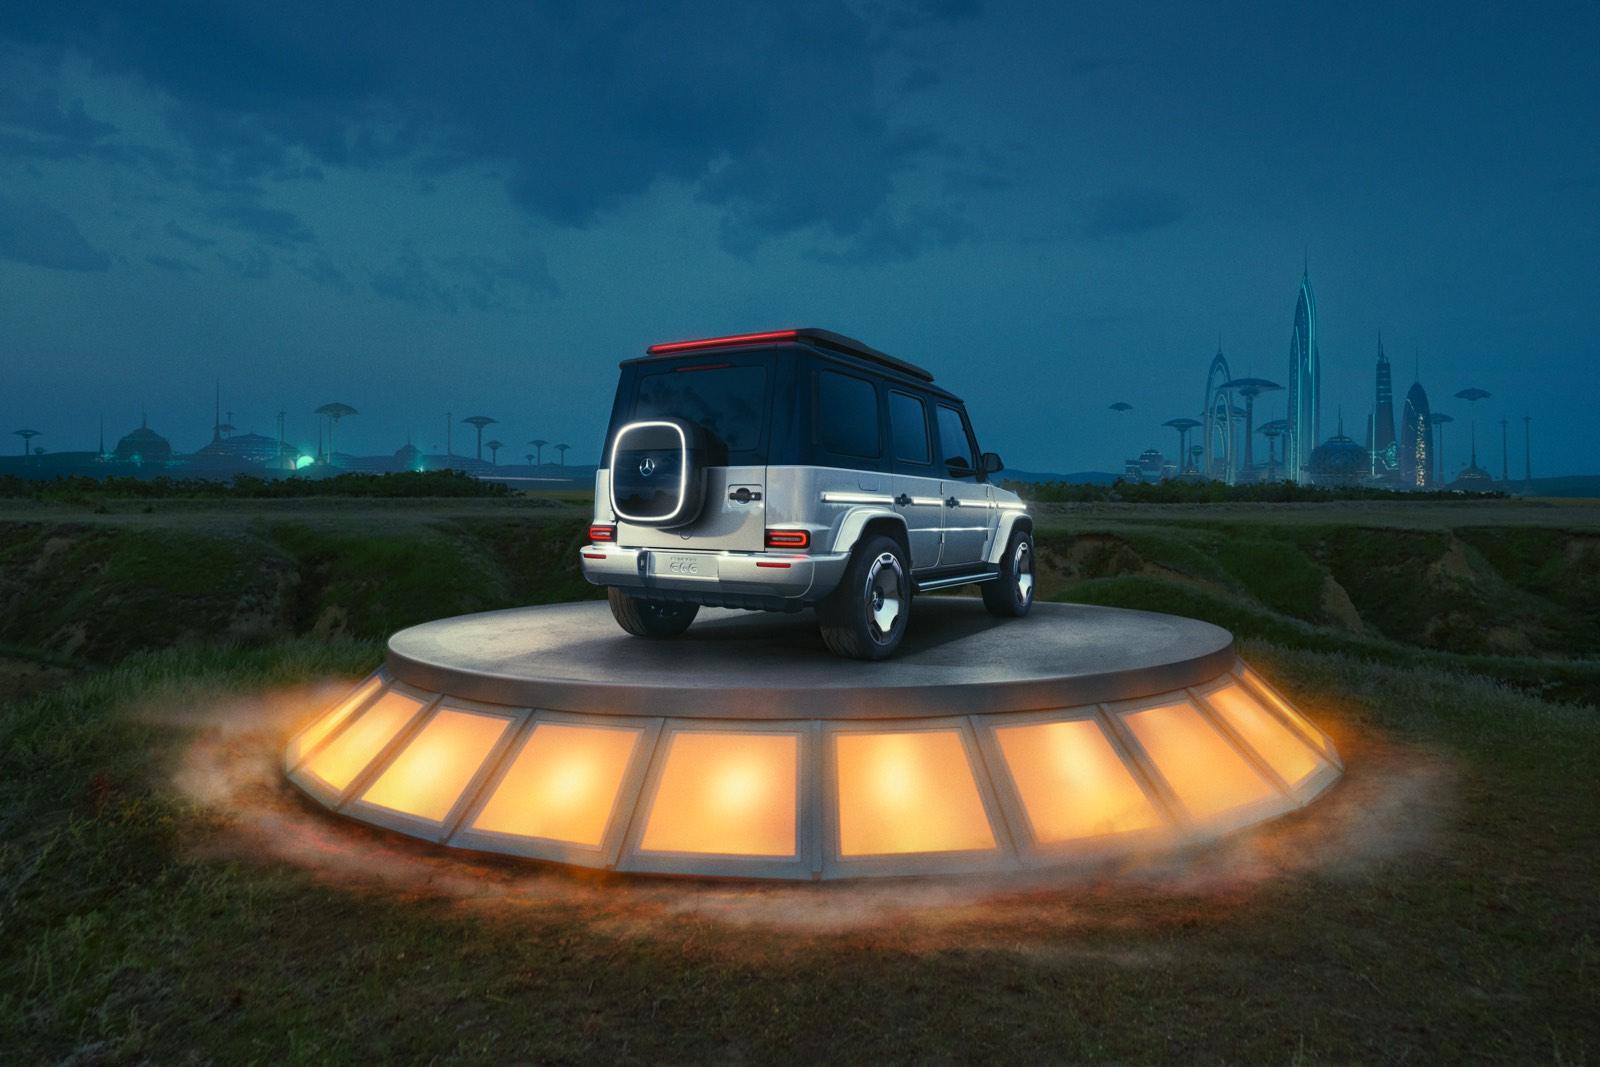 Mercedes Benz Eqg Concept Mh 2